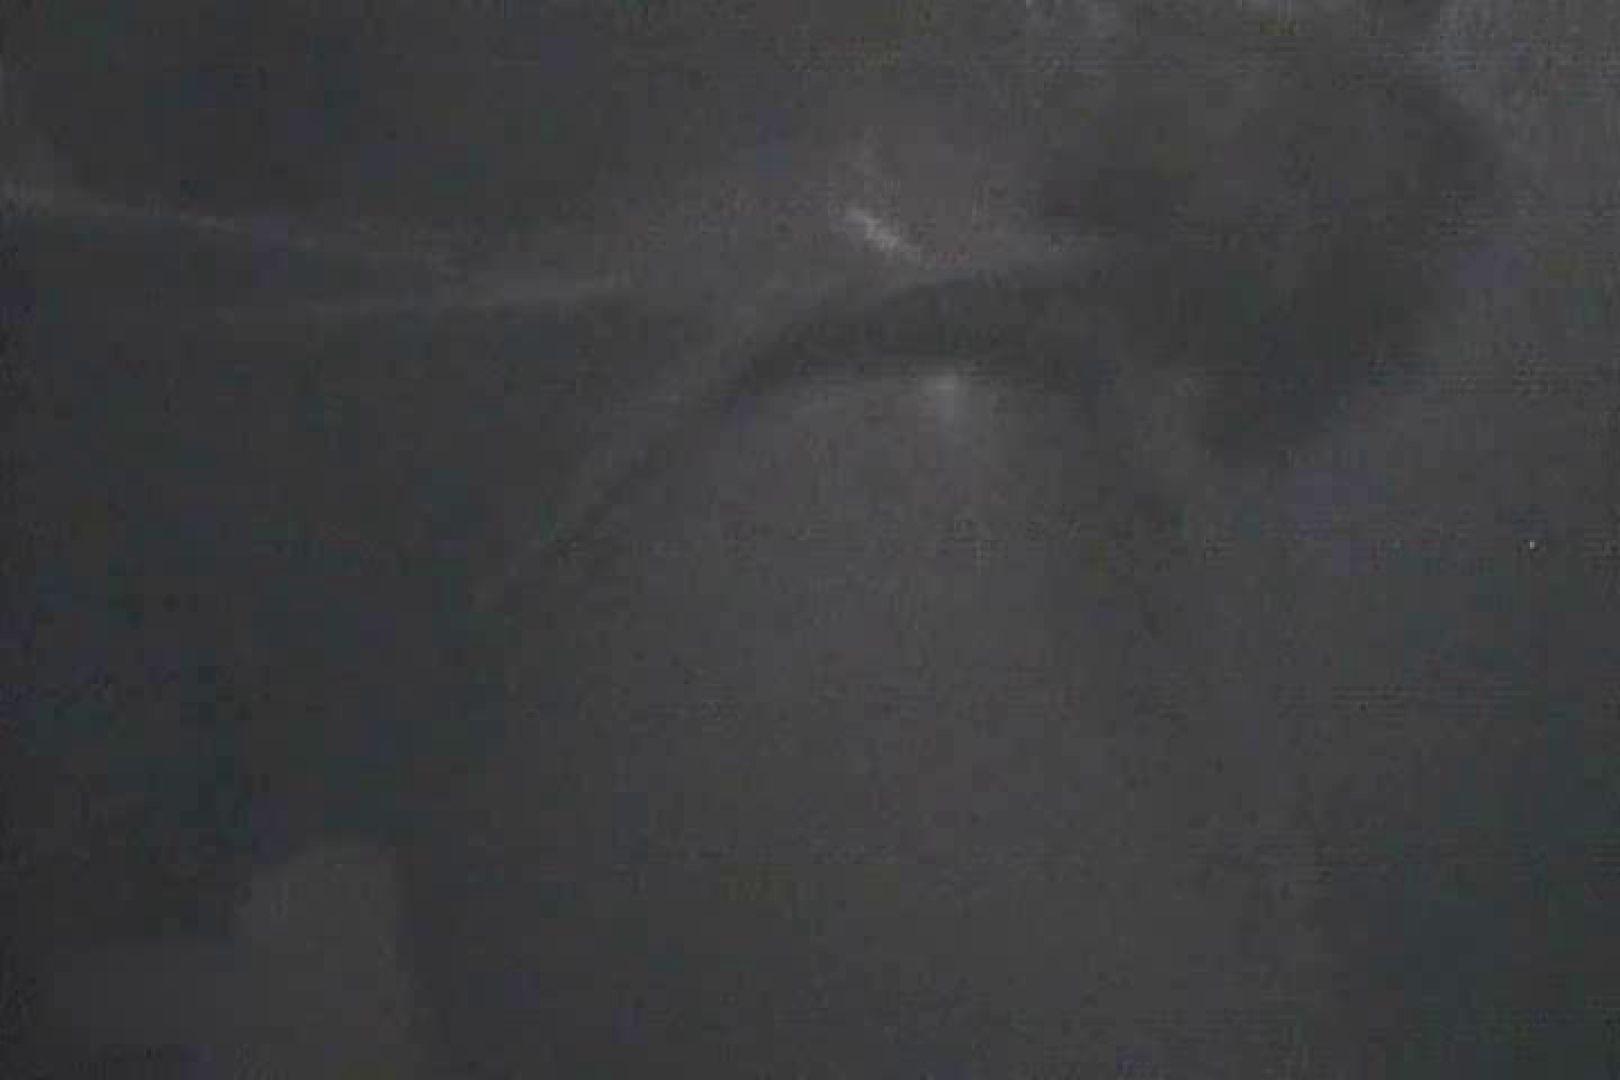 夏海シャワー室!ベトベトお肌をサラサラに!VOL.14 ギャルヌード   シャワー  62画像 61